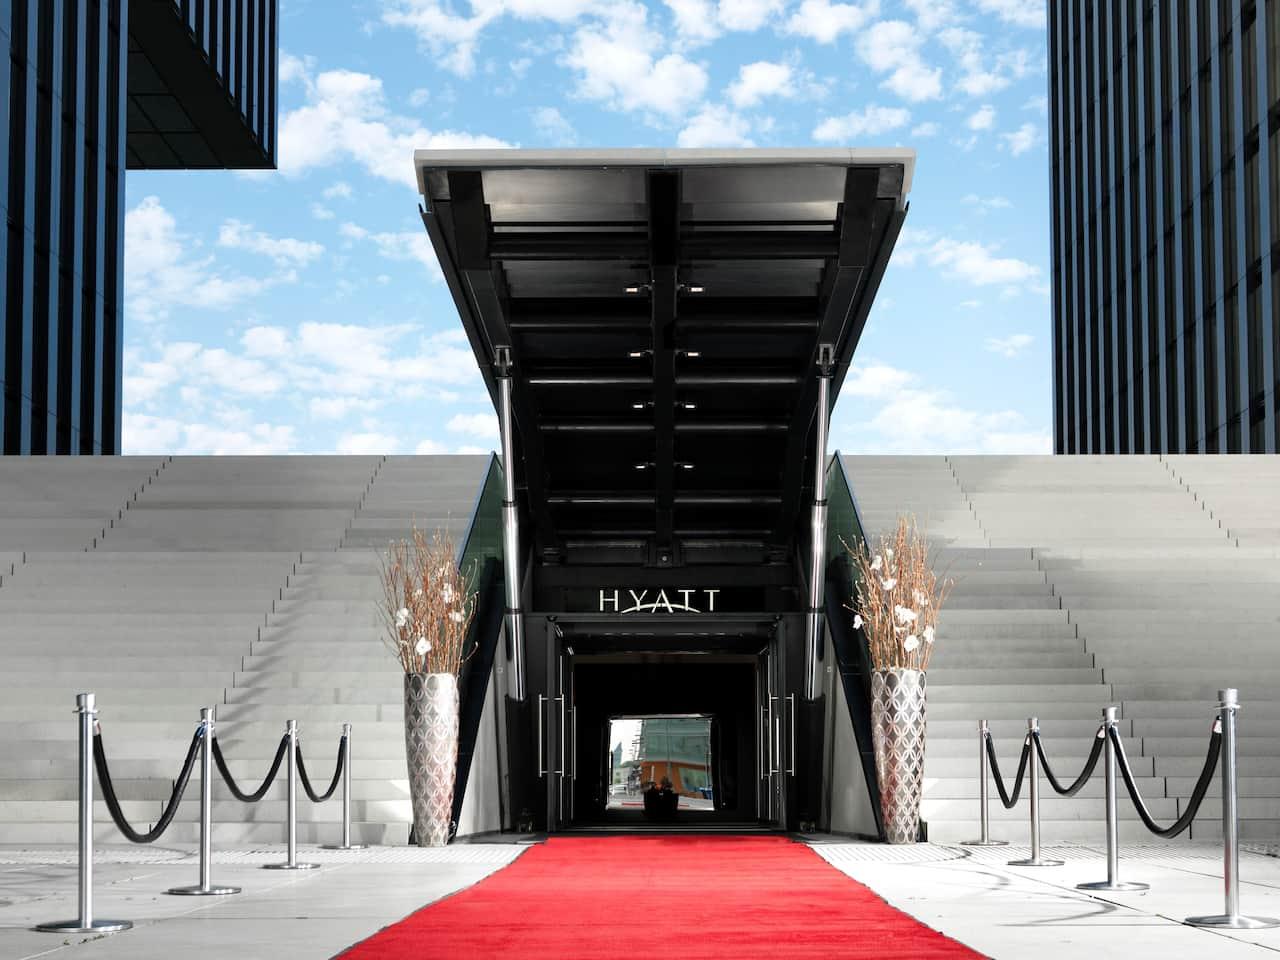 Hydraulische Treppe für spektakuläre Auftritte im Hyatt Regency Düsseldorf